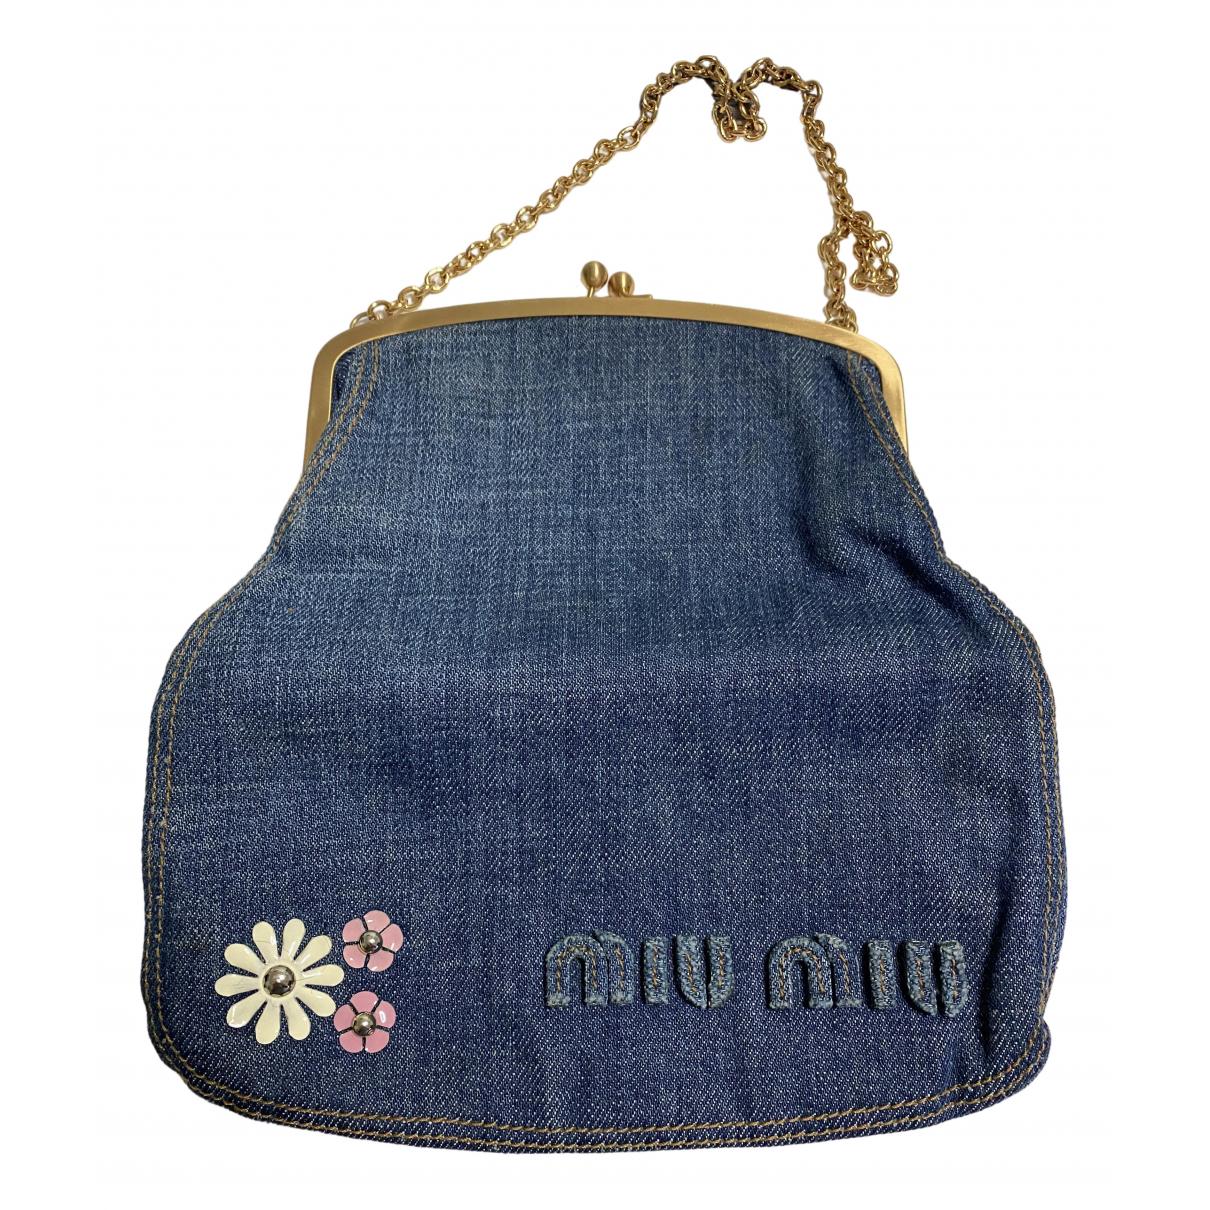 Miu Miu \N Blue Denim - Jeans handbag for Women \N